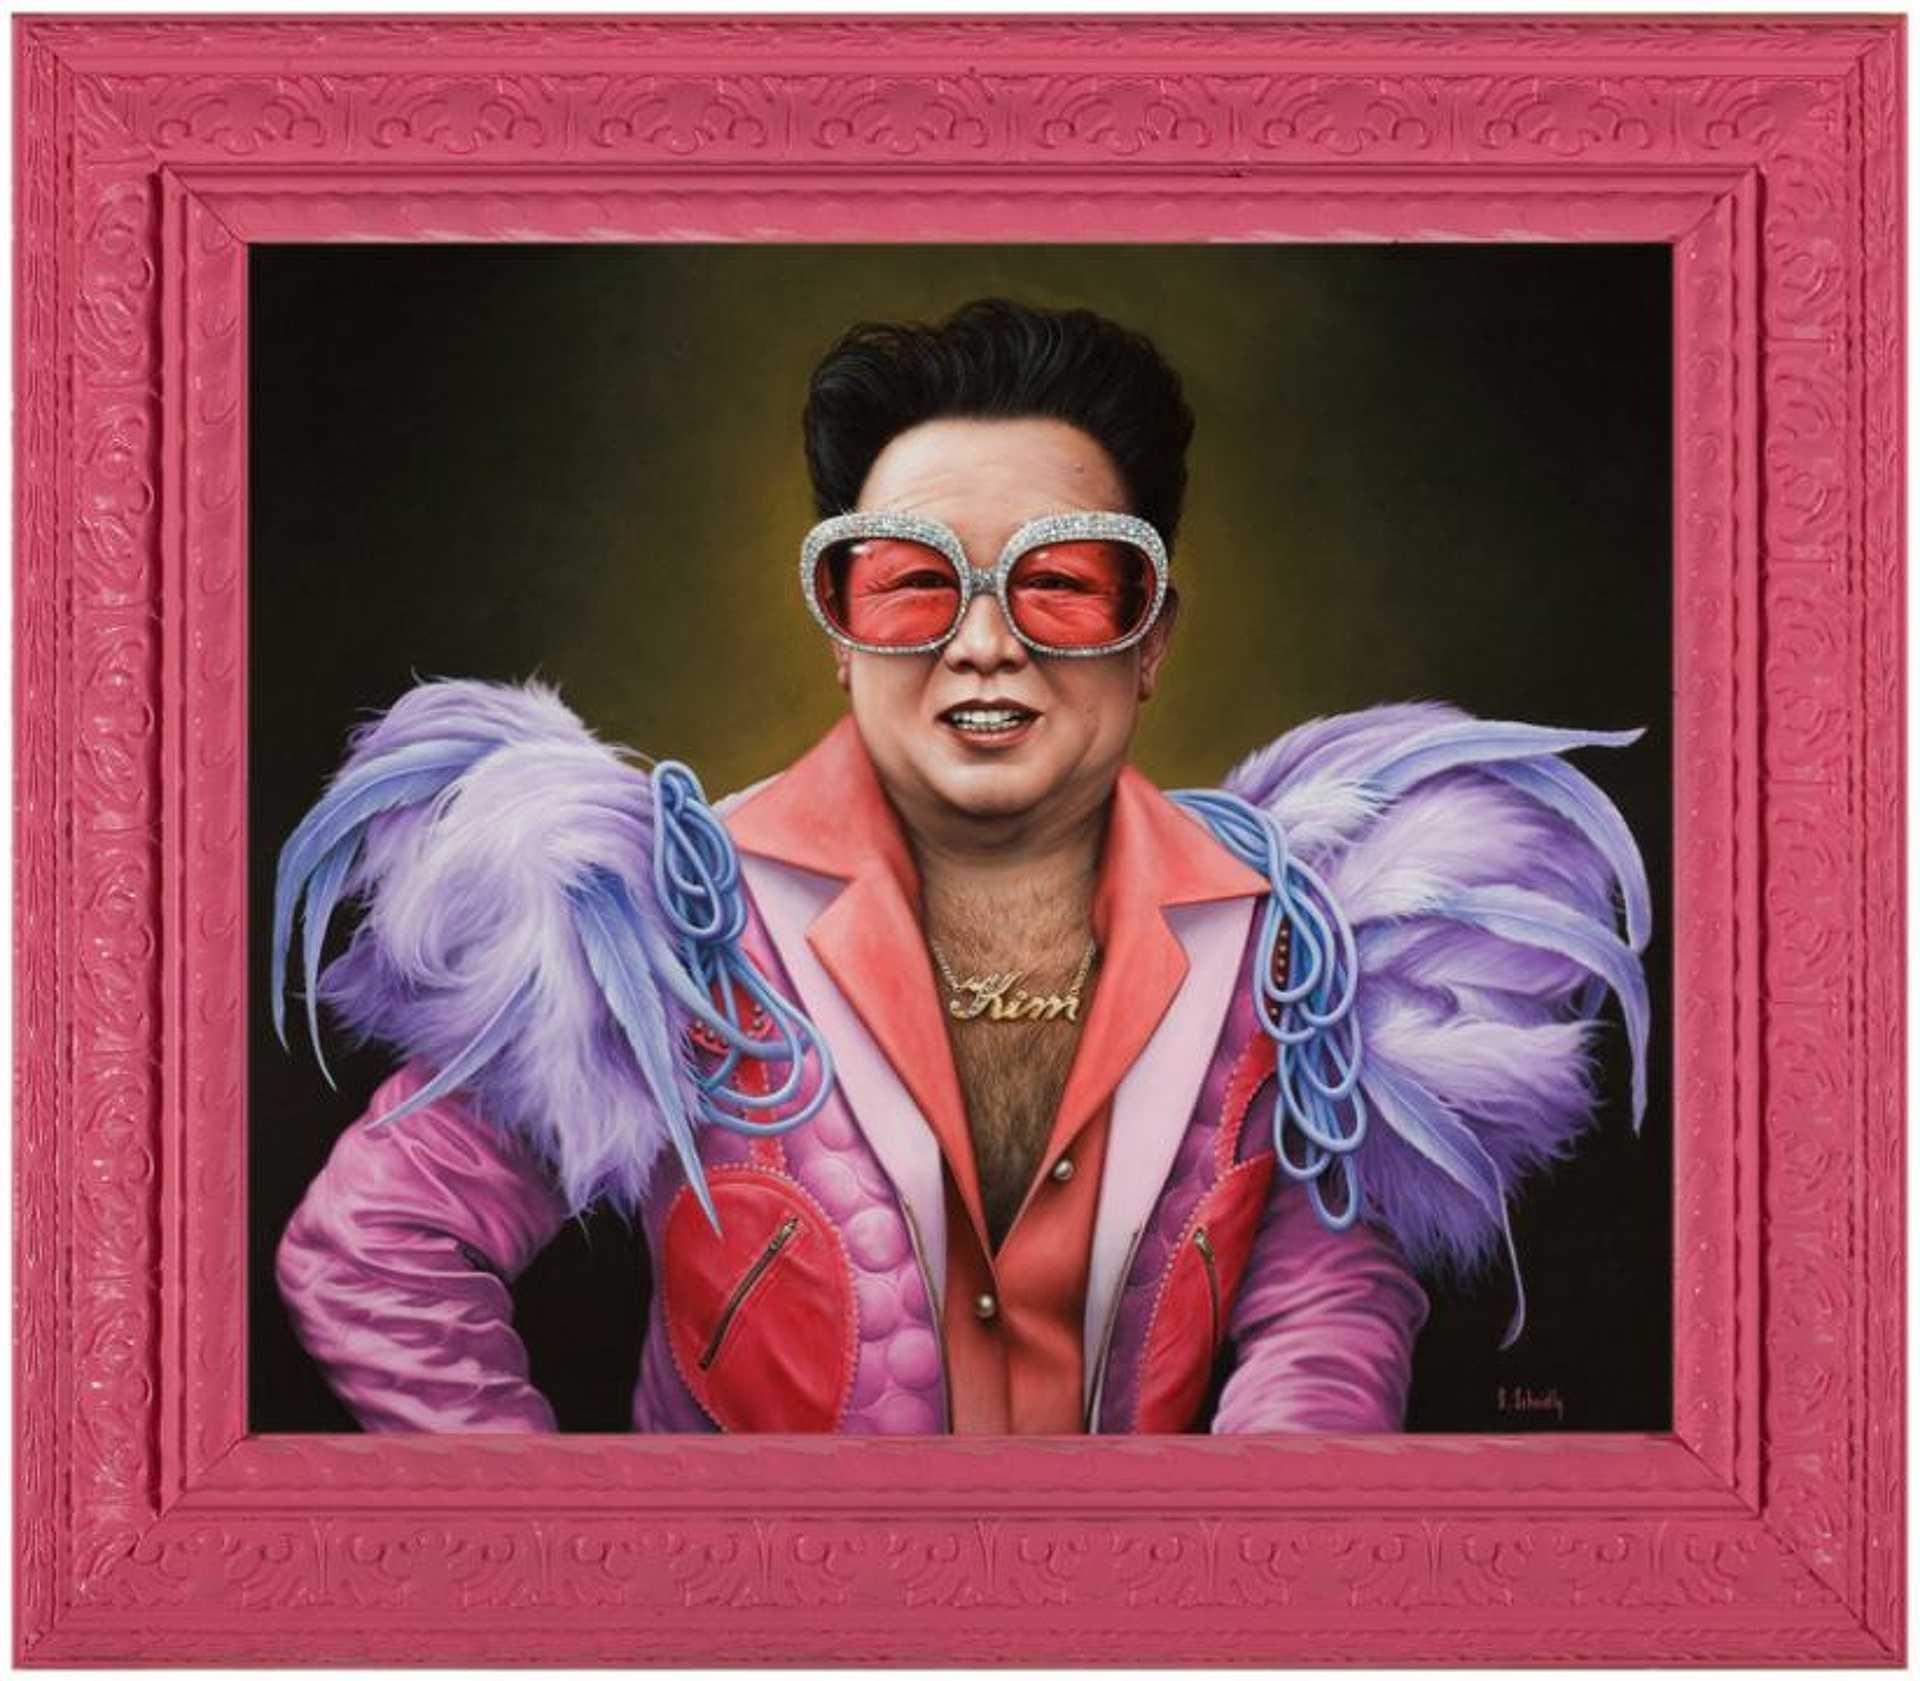 Elton Jong